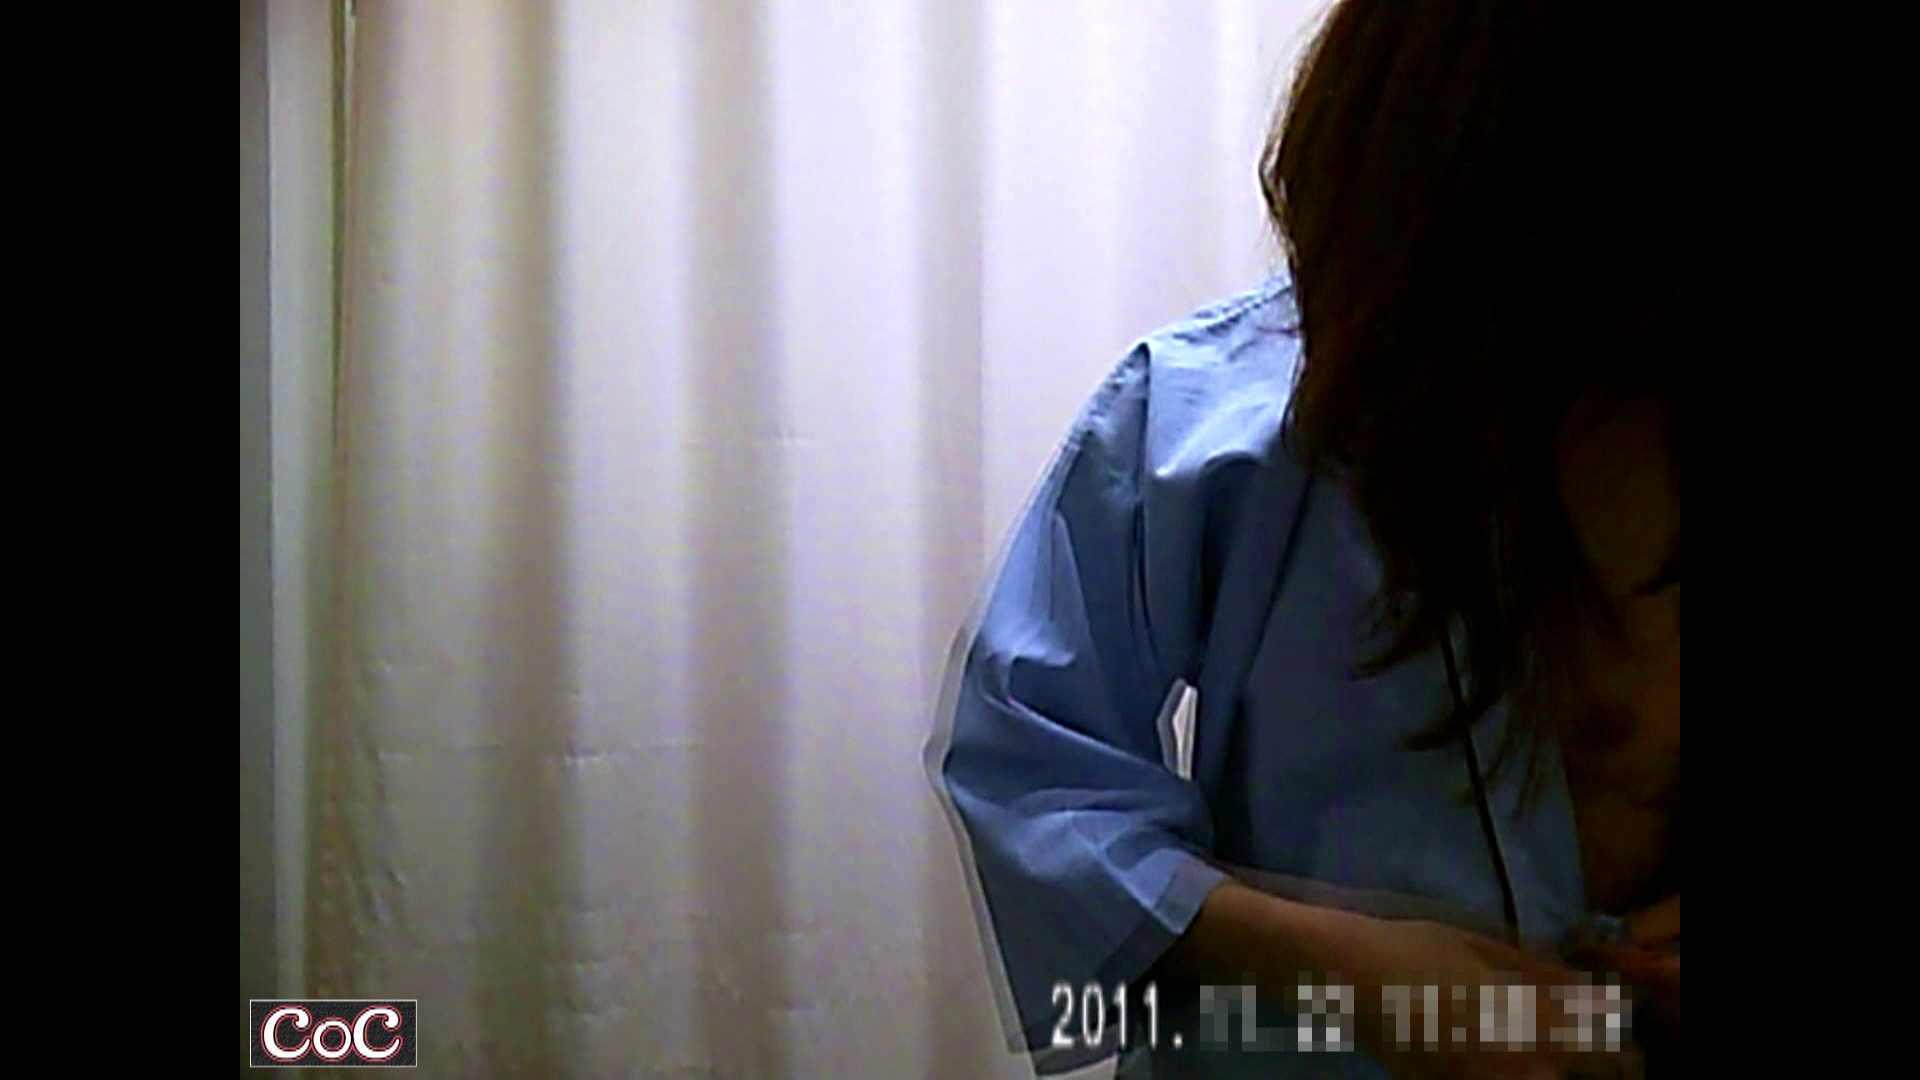 元医者による反抗 更衣室地獄絵巻 vol.194 OLハメ撮り  37Pix 9